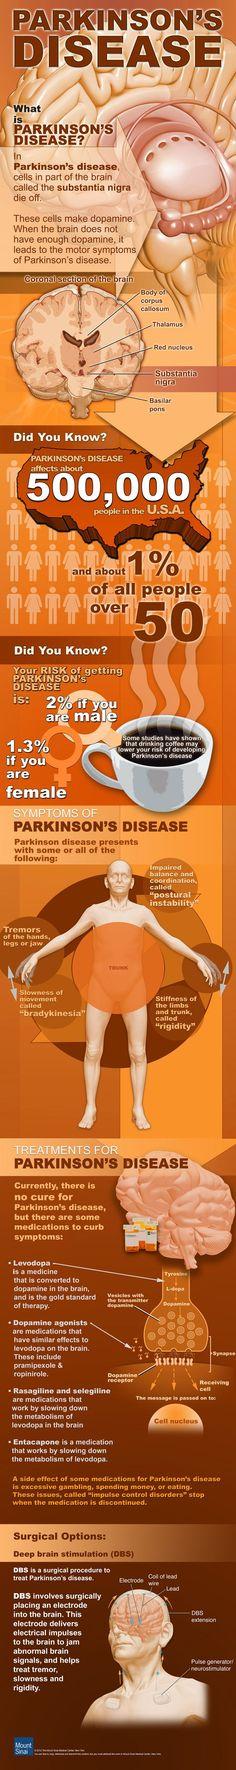 Parkinson's disease #infographic